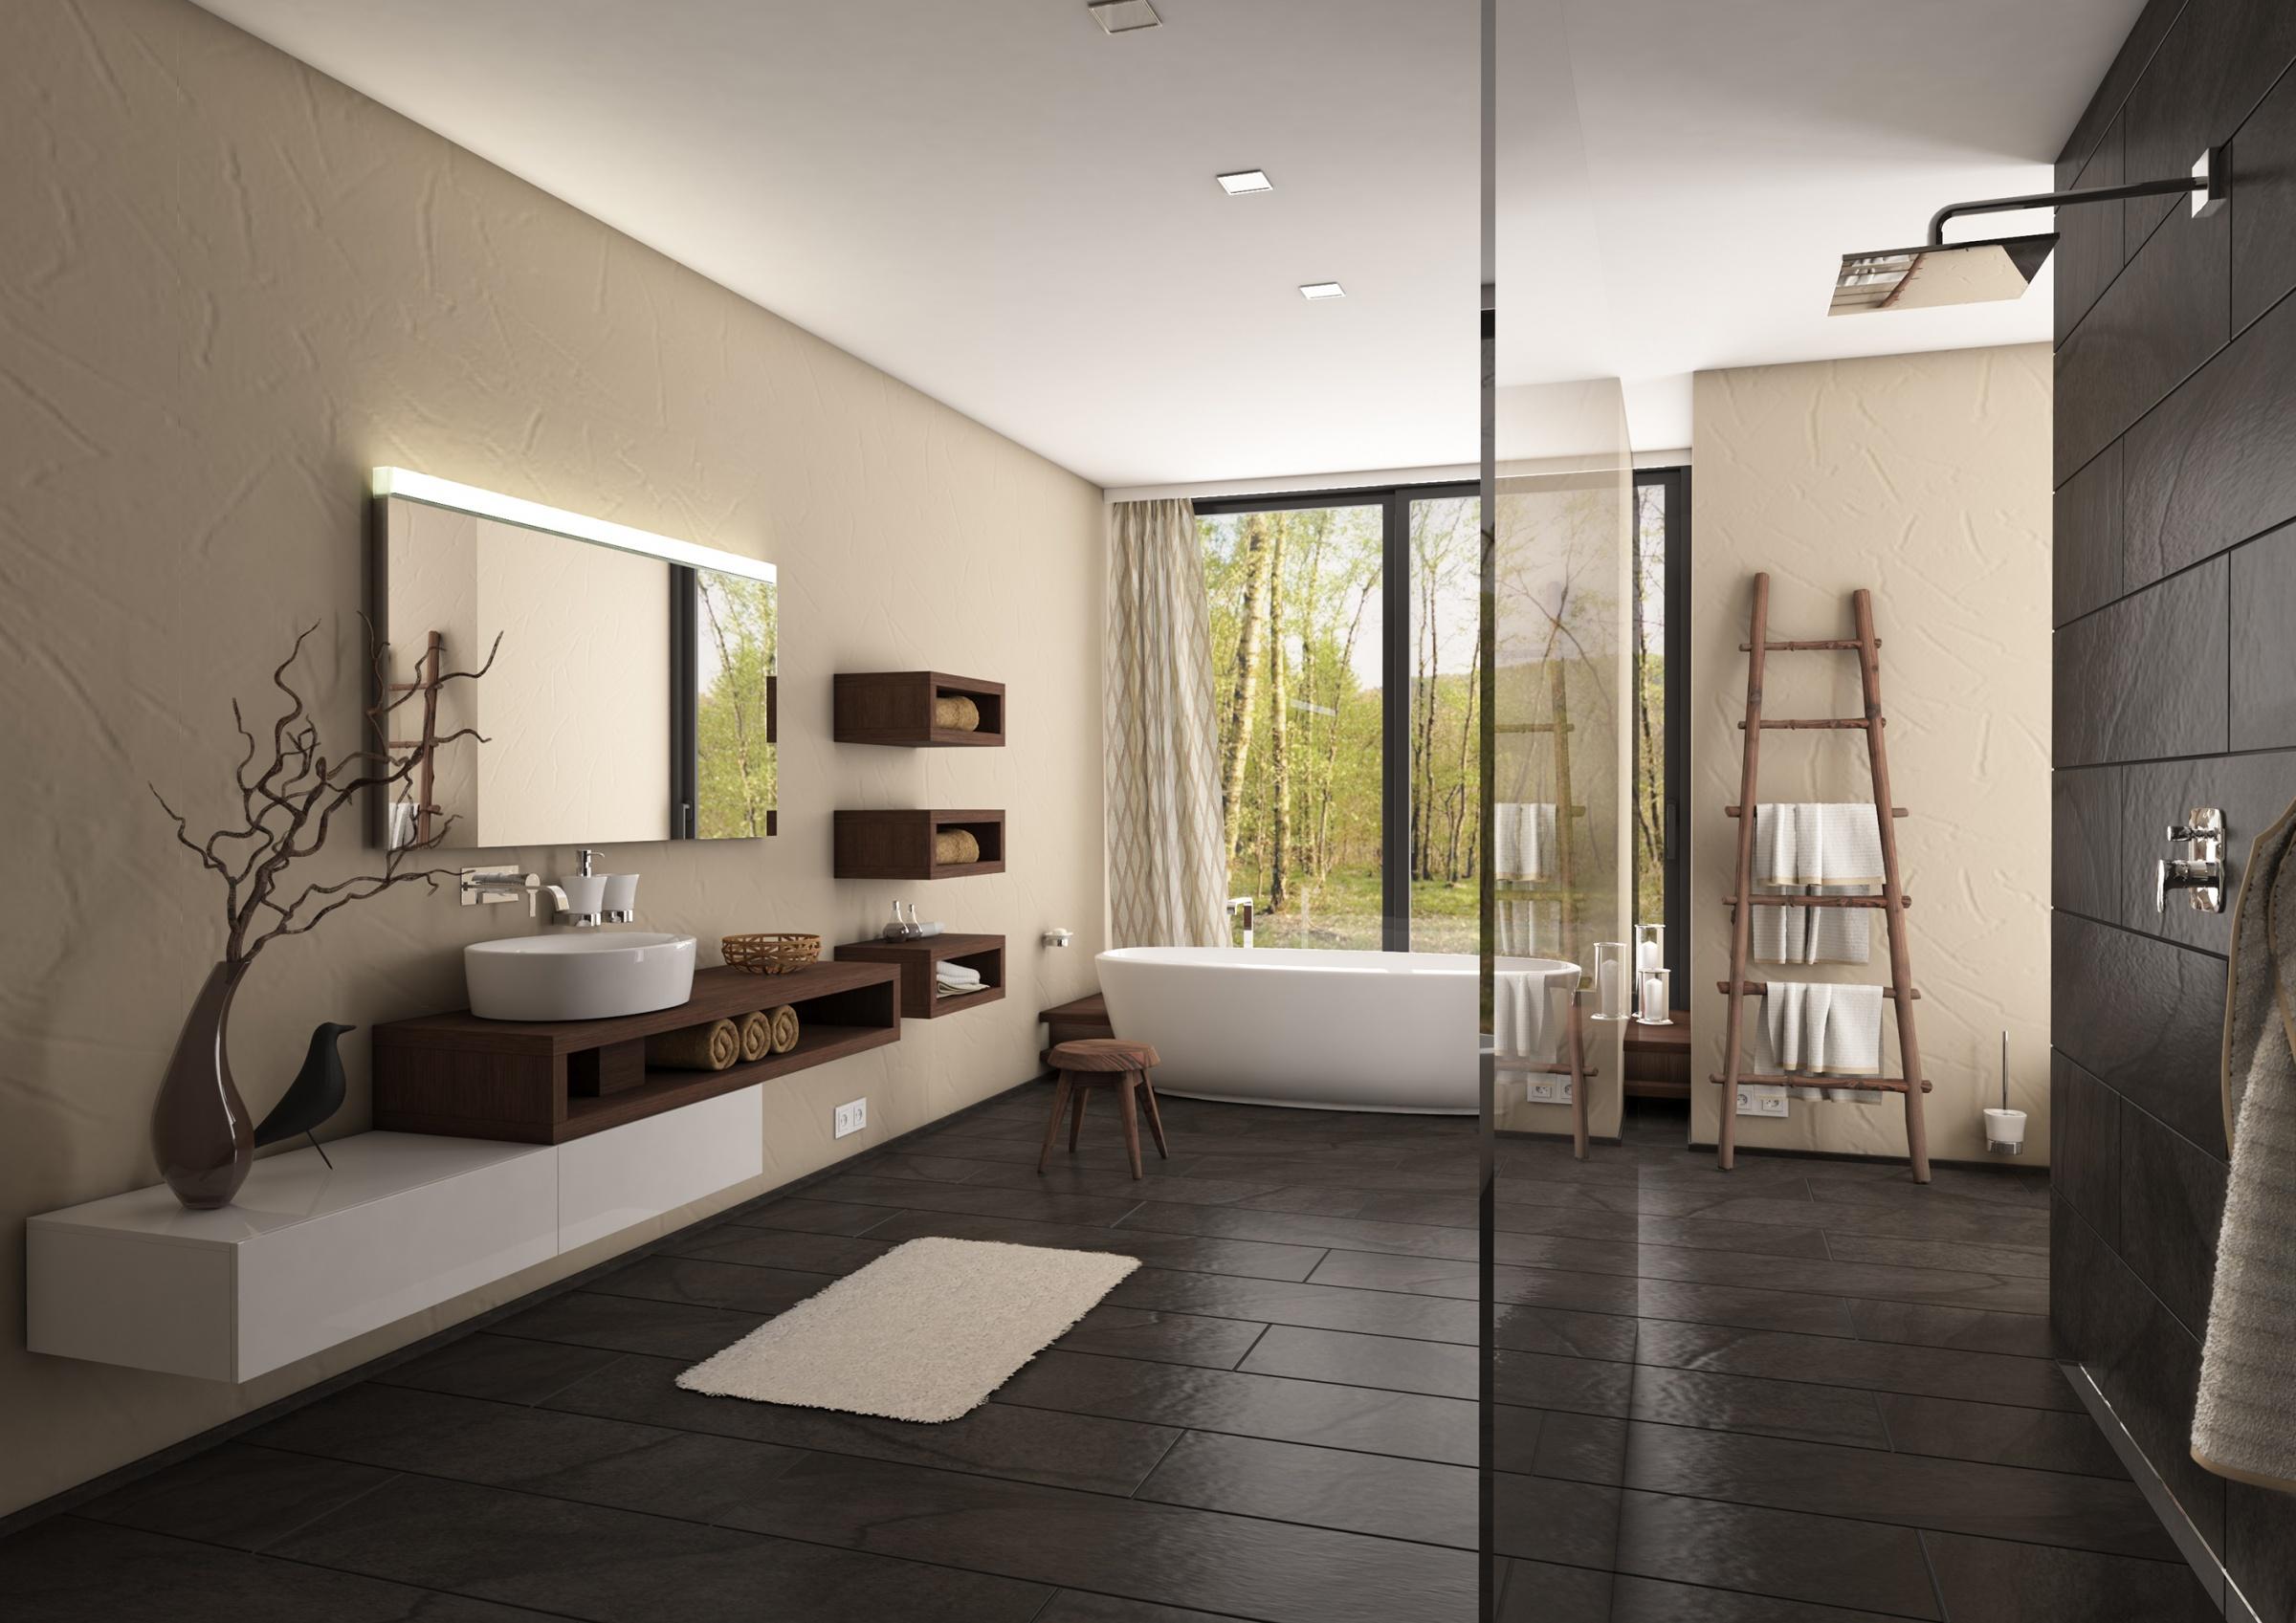 interior: badezimmer - 3d-ring.de, Badezimmer ideen